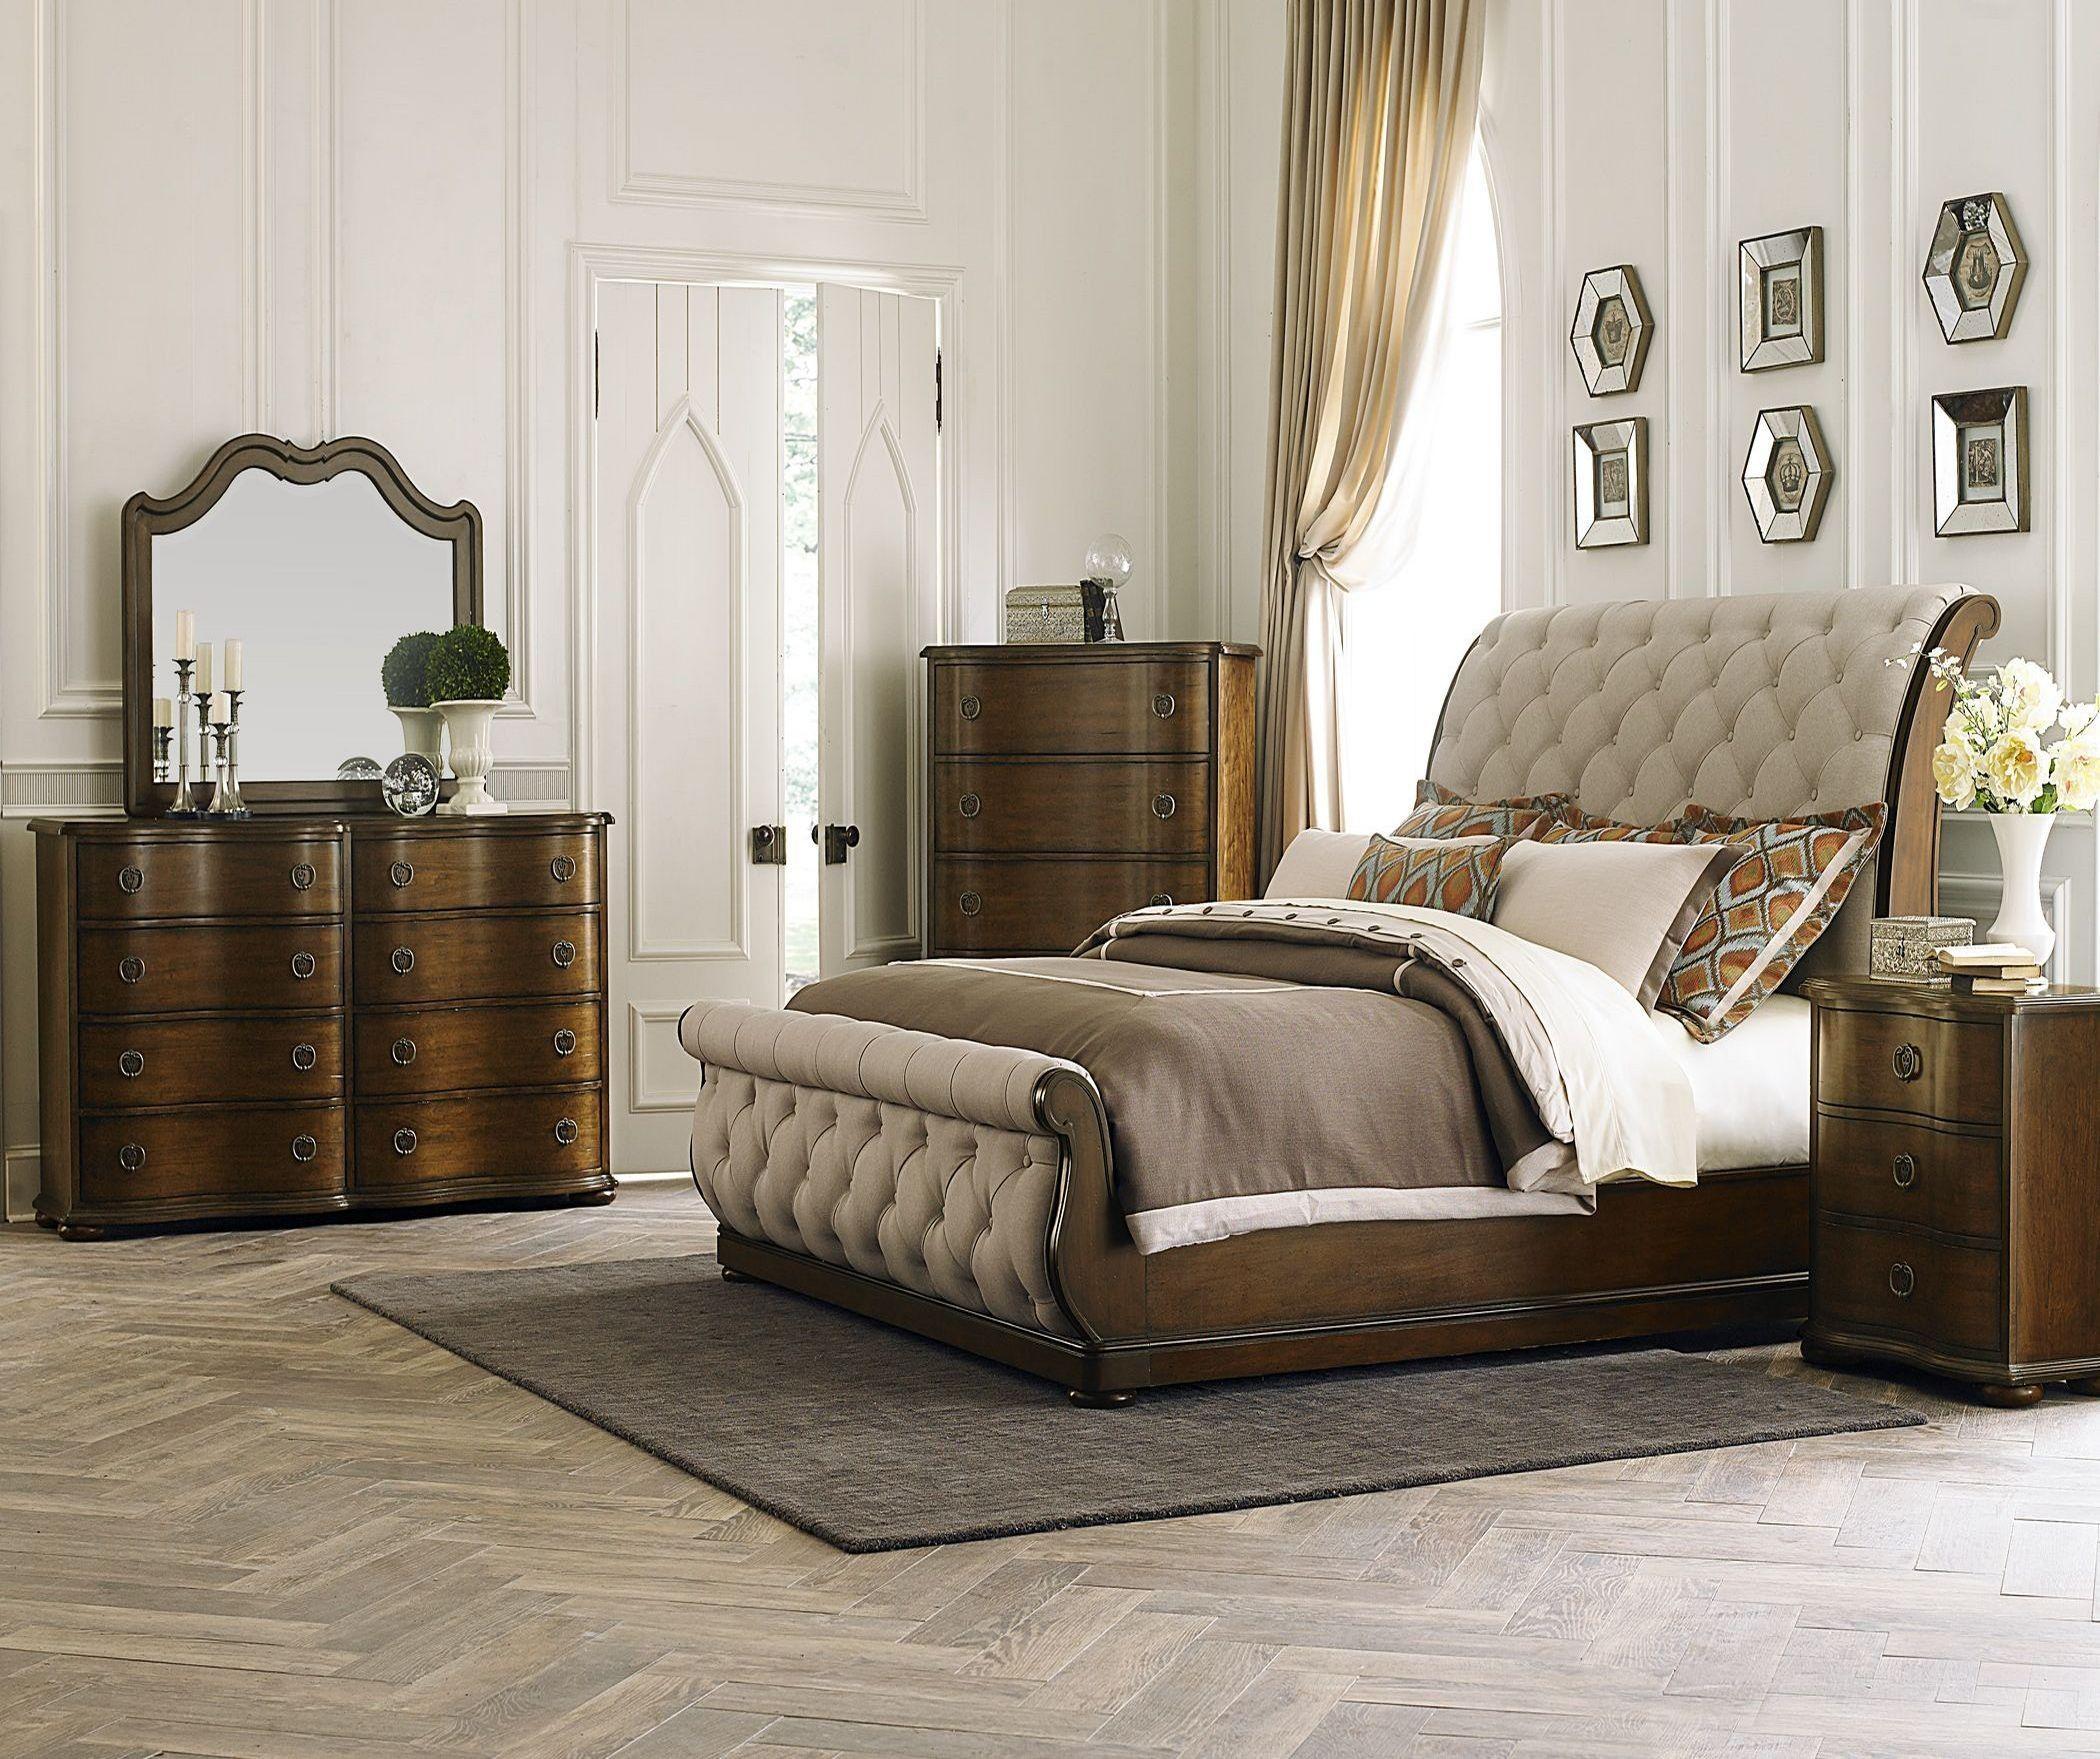 Bedroom Furniture Packages Cheap Di 2020 Dengan Gambar Desain Furnitur Mebel Set Kamar Tidur